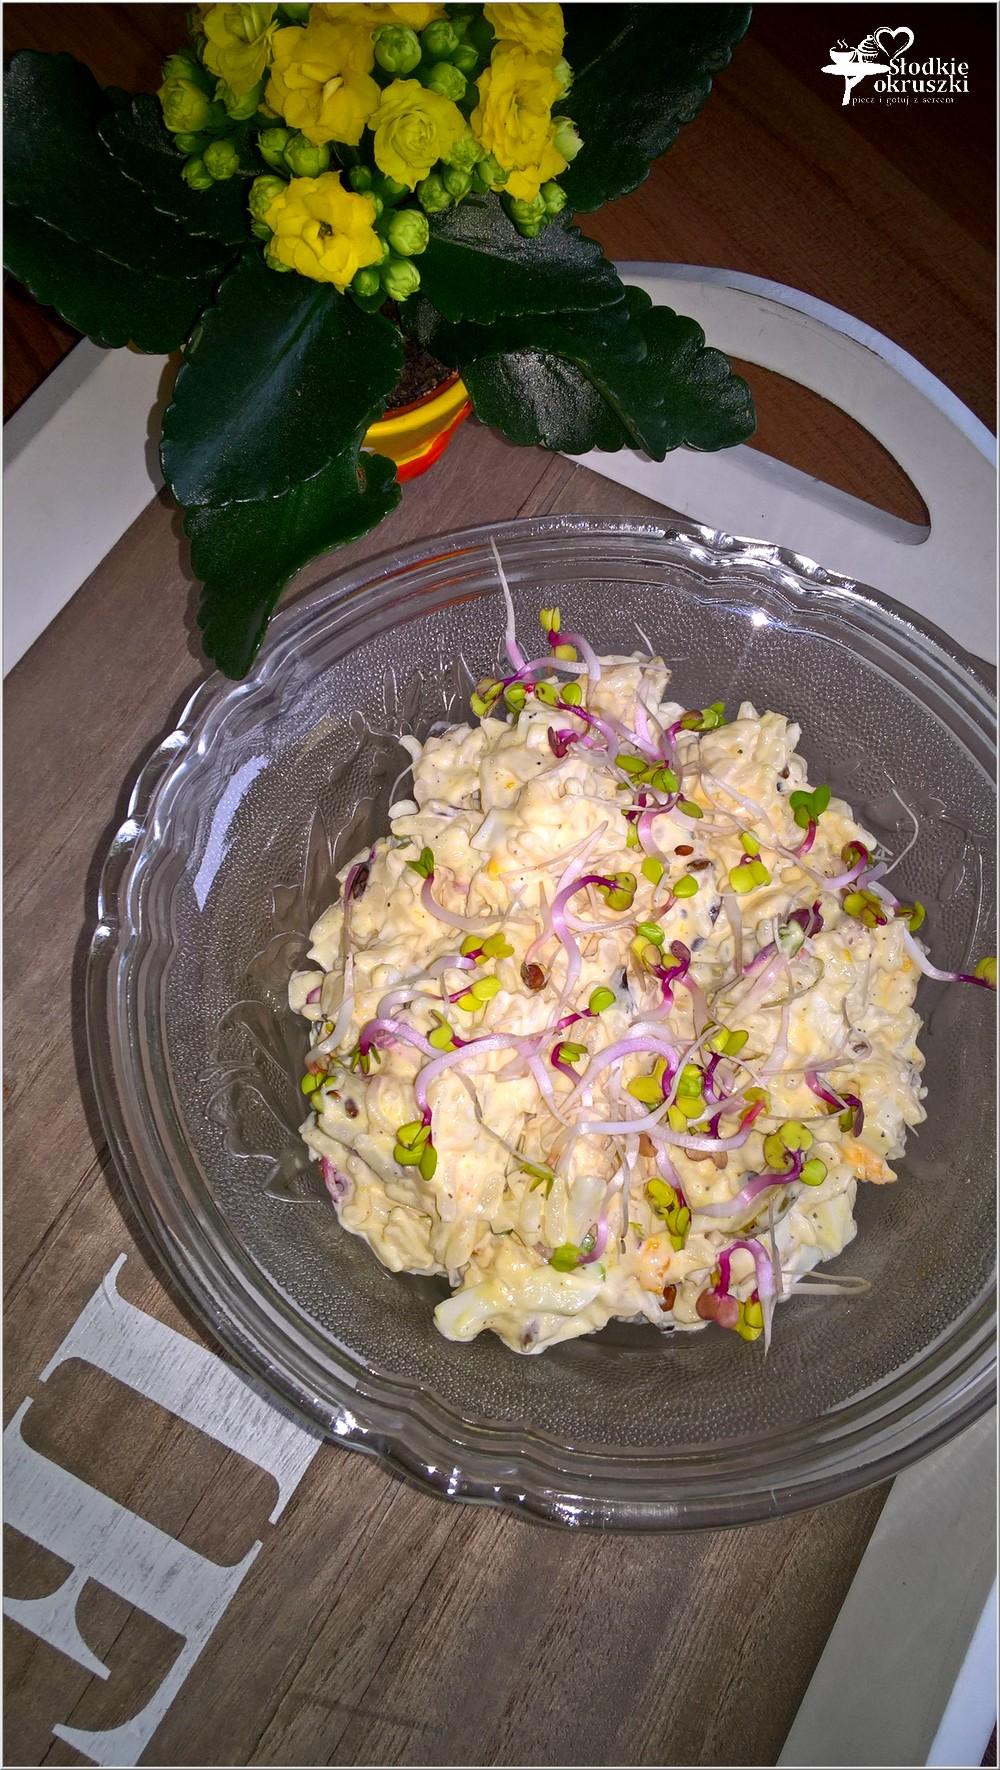 Ryżowa sałatka z oliwkami i kiełkami rzodkiewki (2)